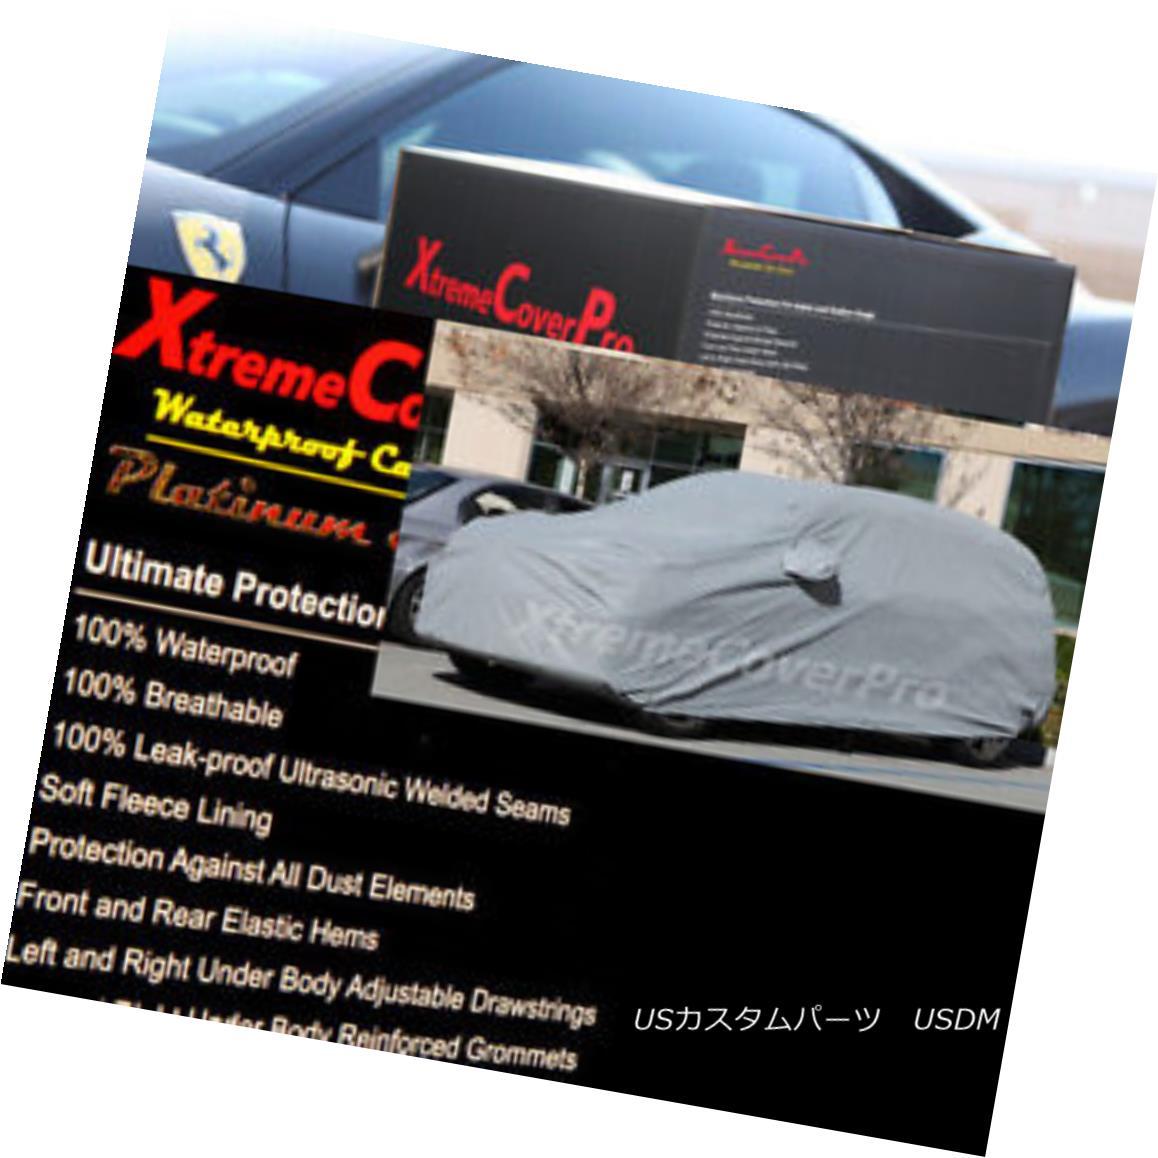 カーカバー 1992 1993 1994 1995 Chevy Suburban Waterproof Car Cover w/MirrorPocket 1992 1993 1994 1994シボレー郊外防水カーカバー付きMirrorPocket